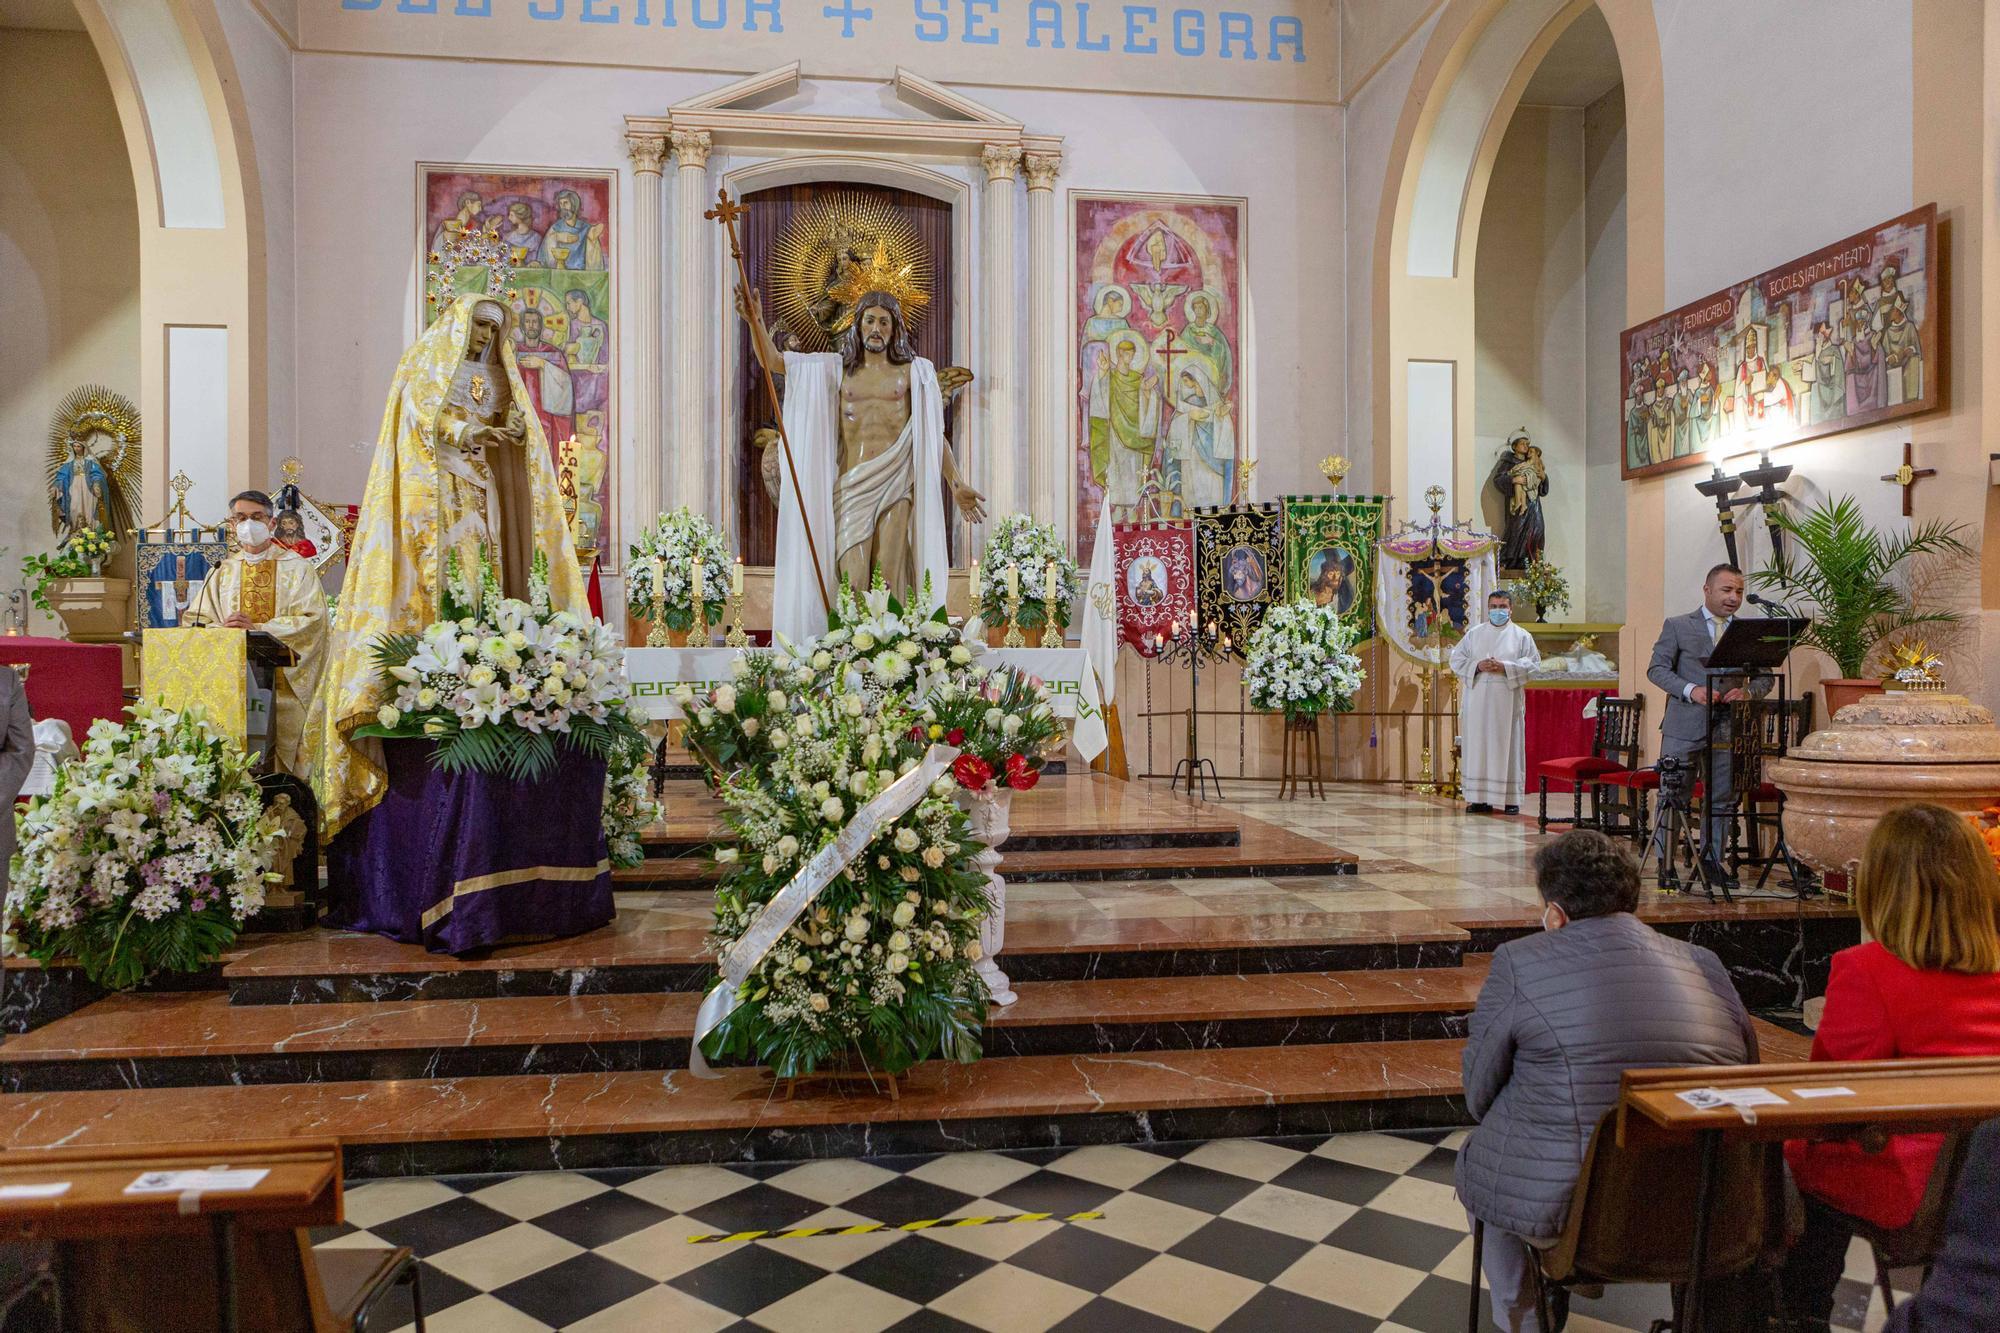 Domingo de Resurrecion en Los Angeles_99.jpg